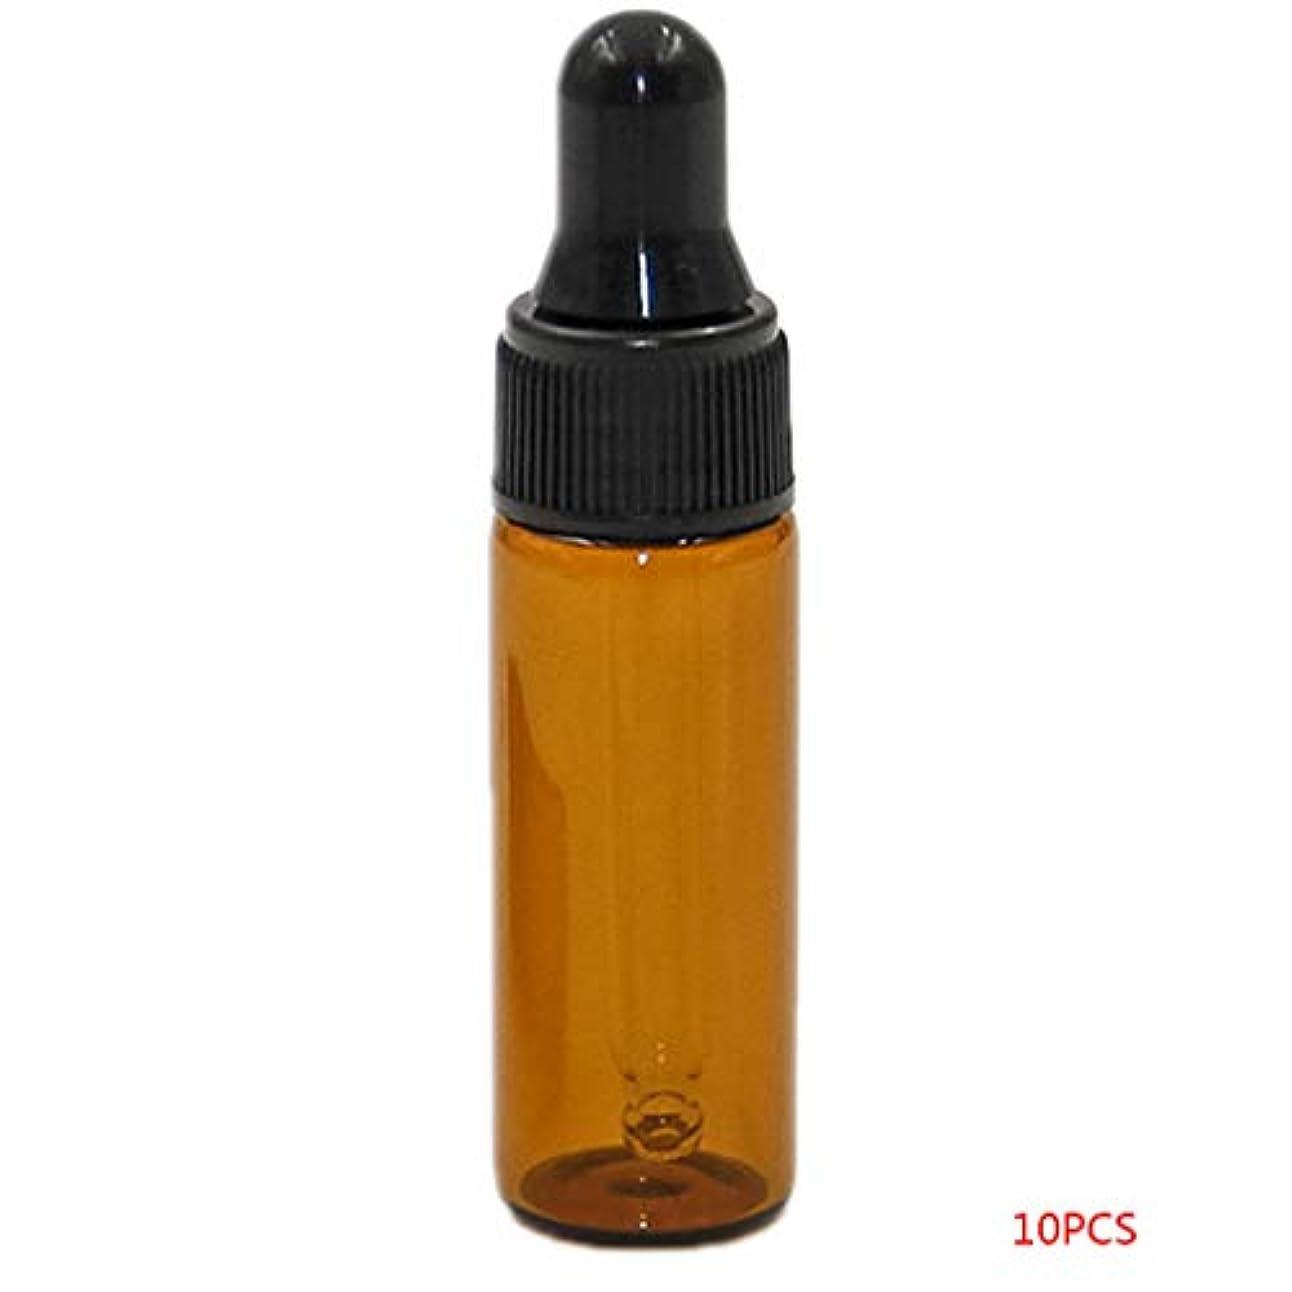 必要としているミサイル月面TopFires アロマオイル 精油 小分け用 遮光瓶 セット 茶 ガラス アロマ ボトル オイル 用 茶色 瓶 ビン エッセンシャルオイル 保存 詰替え 瓶 ビン 【純正品】